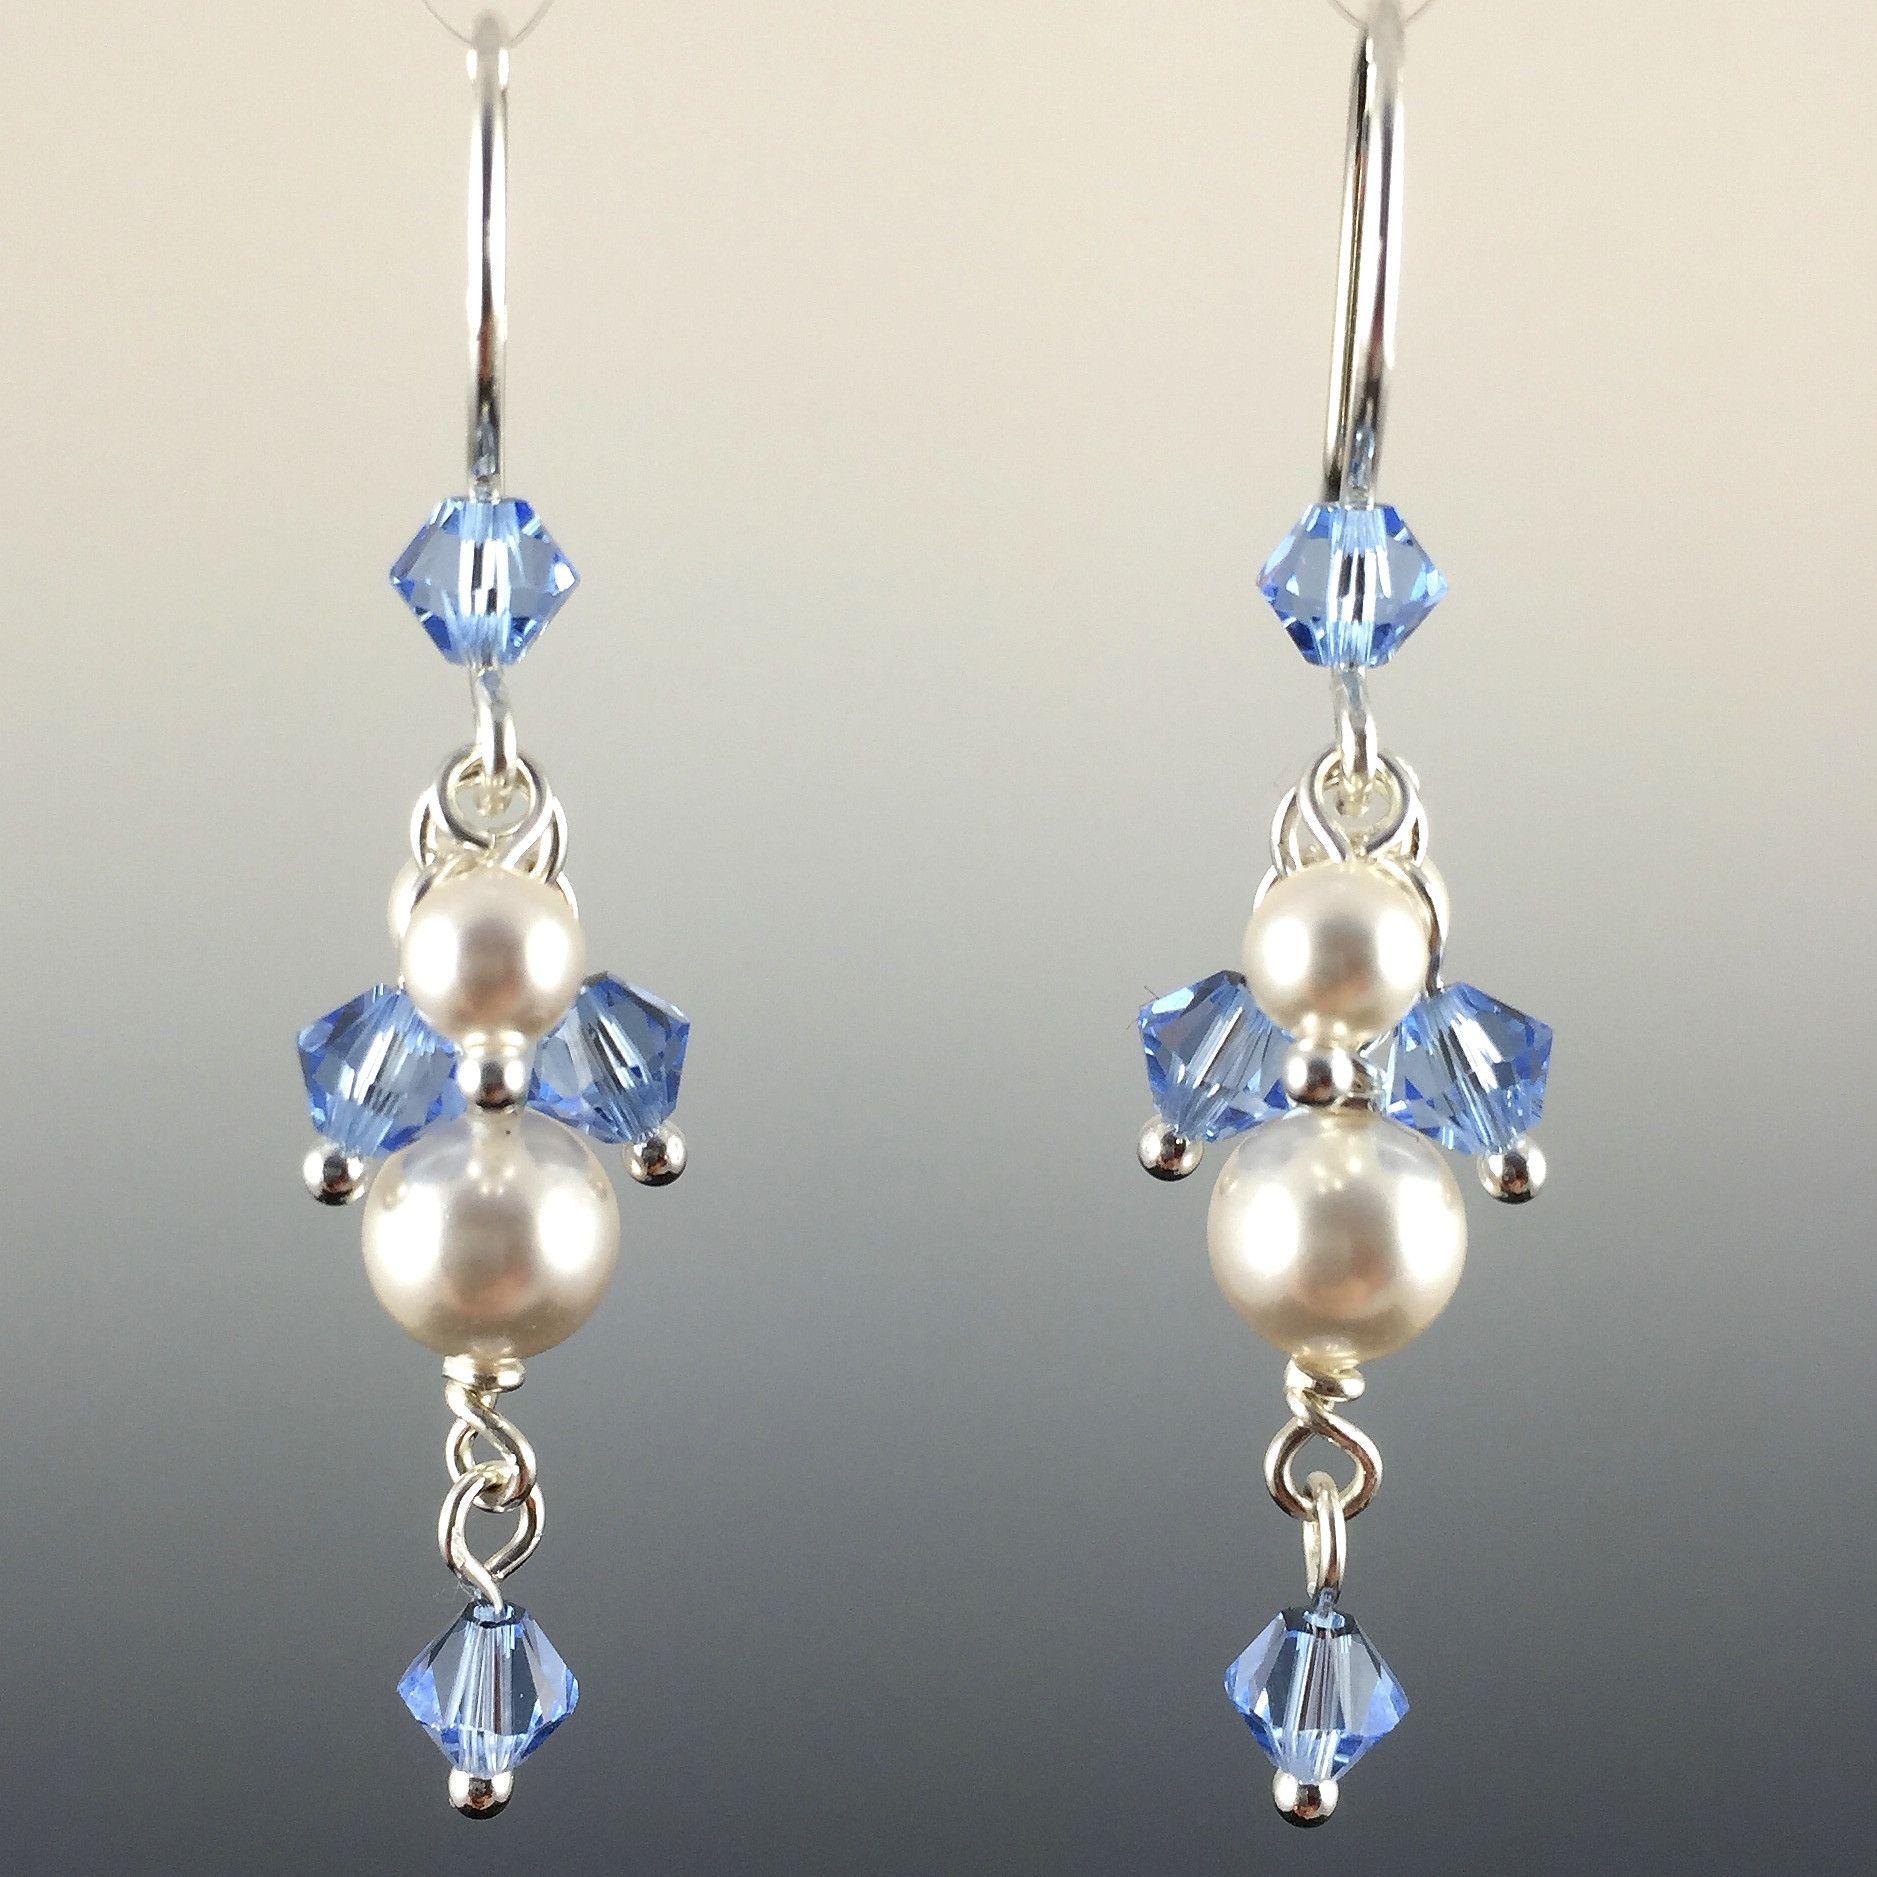 925 silver earwires Artisan  Earrings Lavender Pearl /& Luminous Opal Crystal